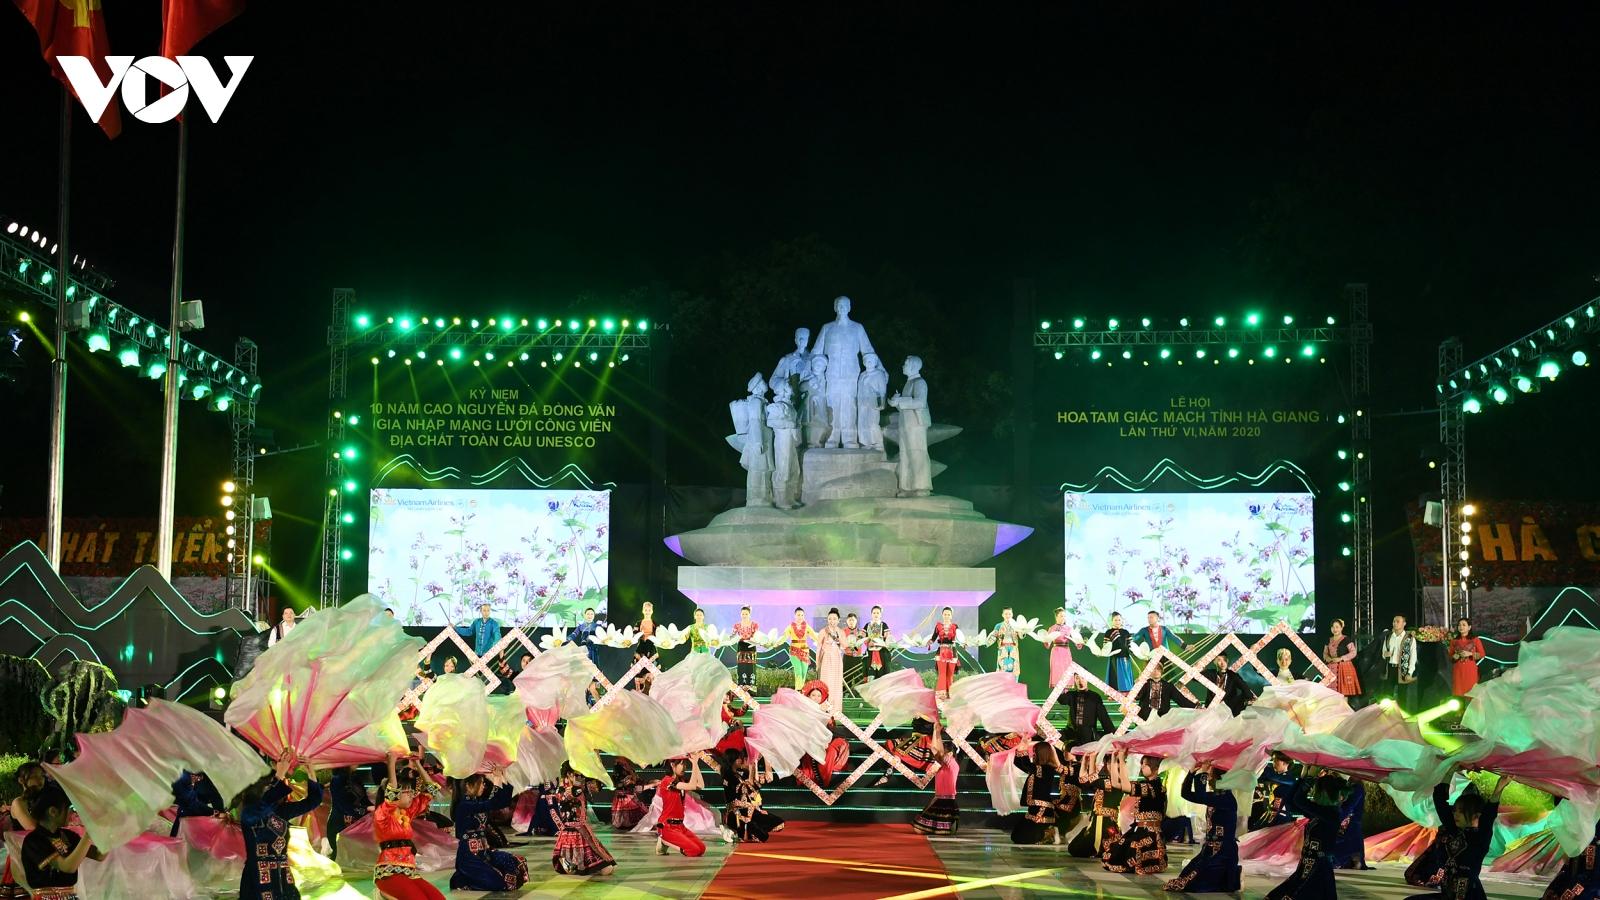 Kỷ niệm 10 năm Cao nguyên đá Đồng Văn được UNESCO công nhận là Công viên địa chất toàn cầu